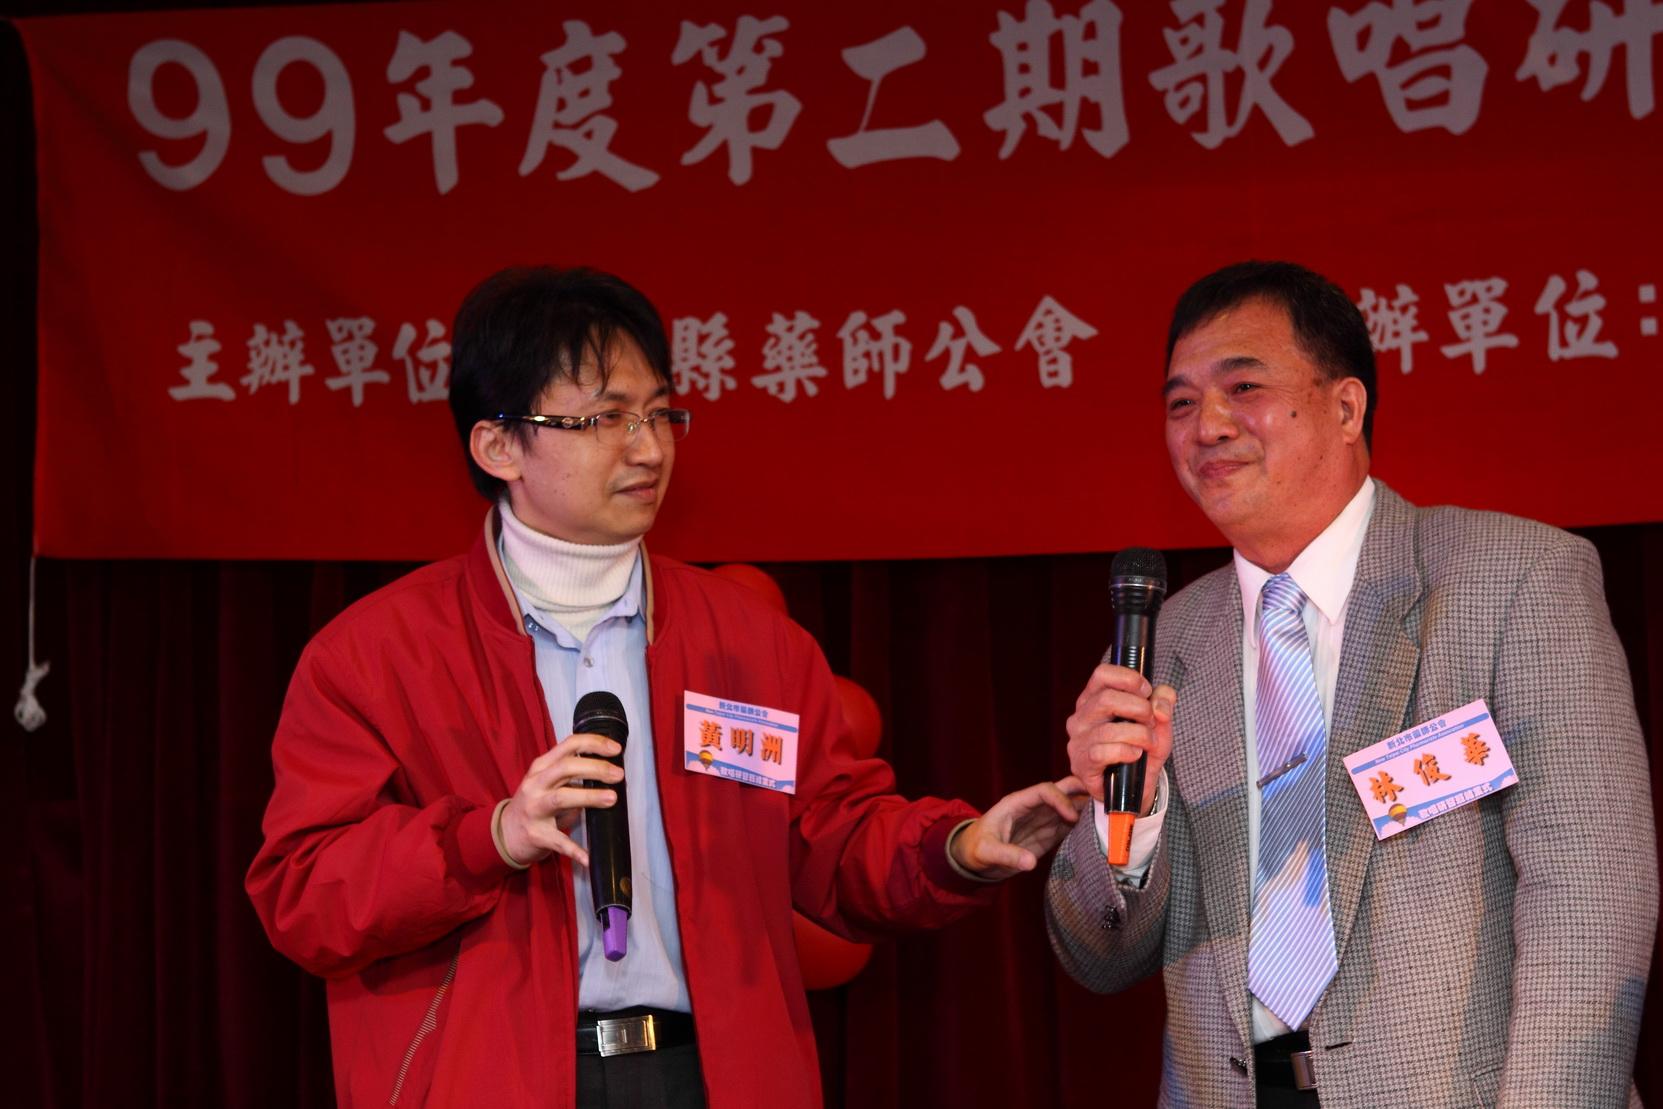 黃明洲老師與林俊華學員上台共同合唱歌曲